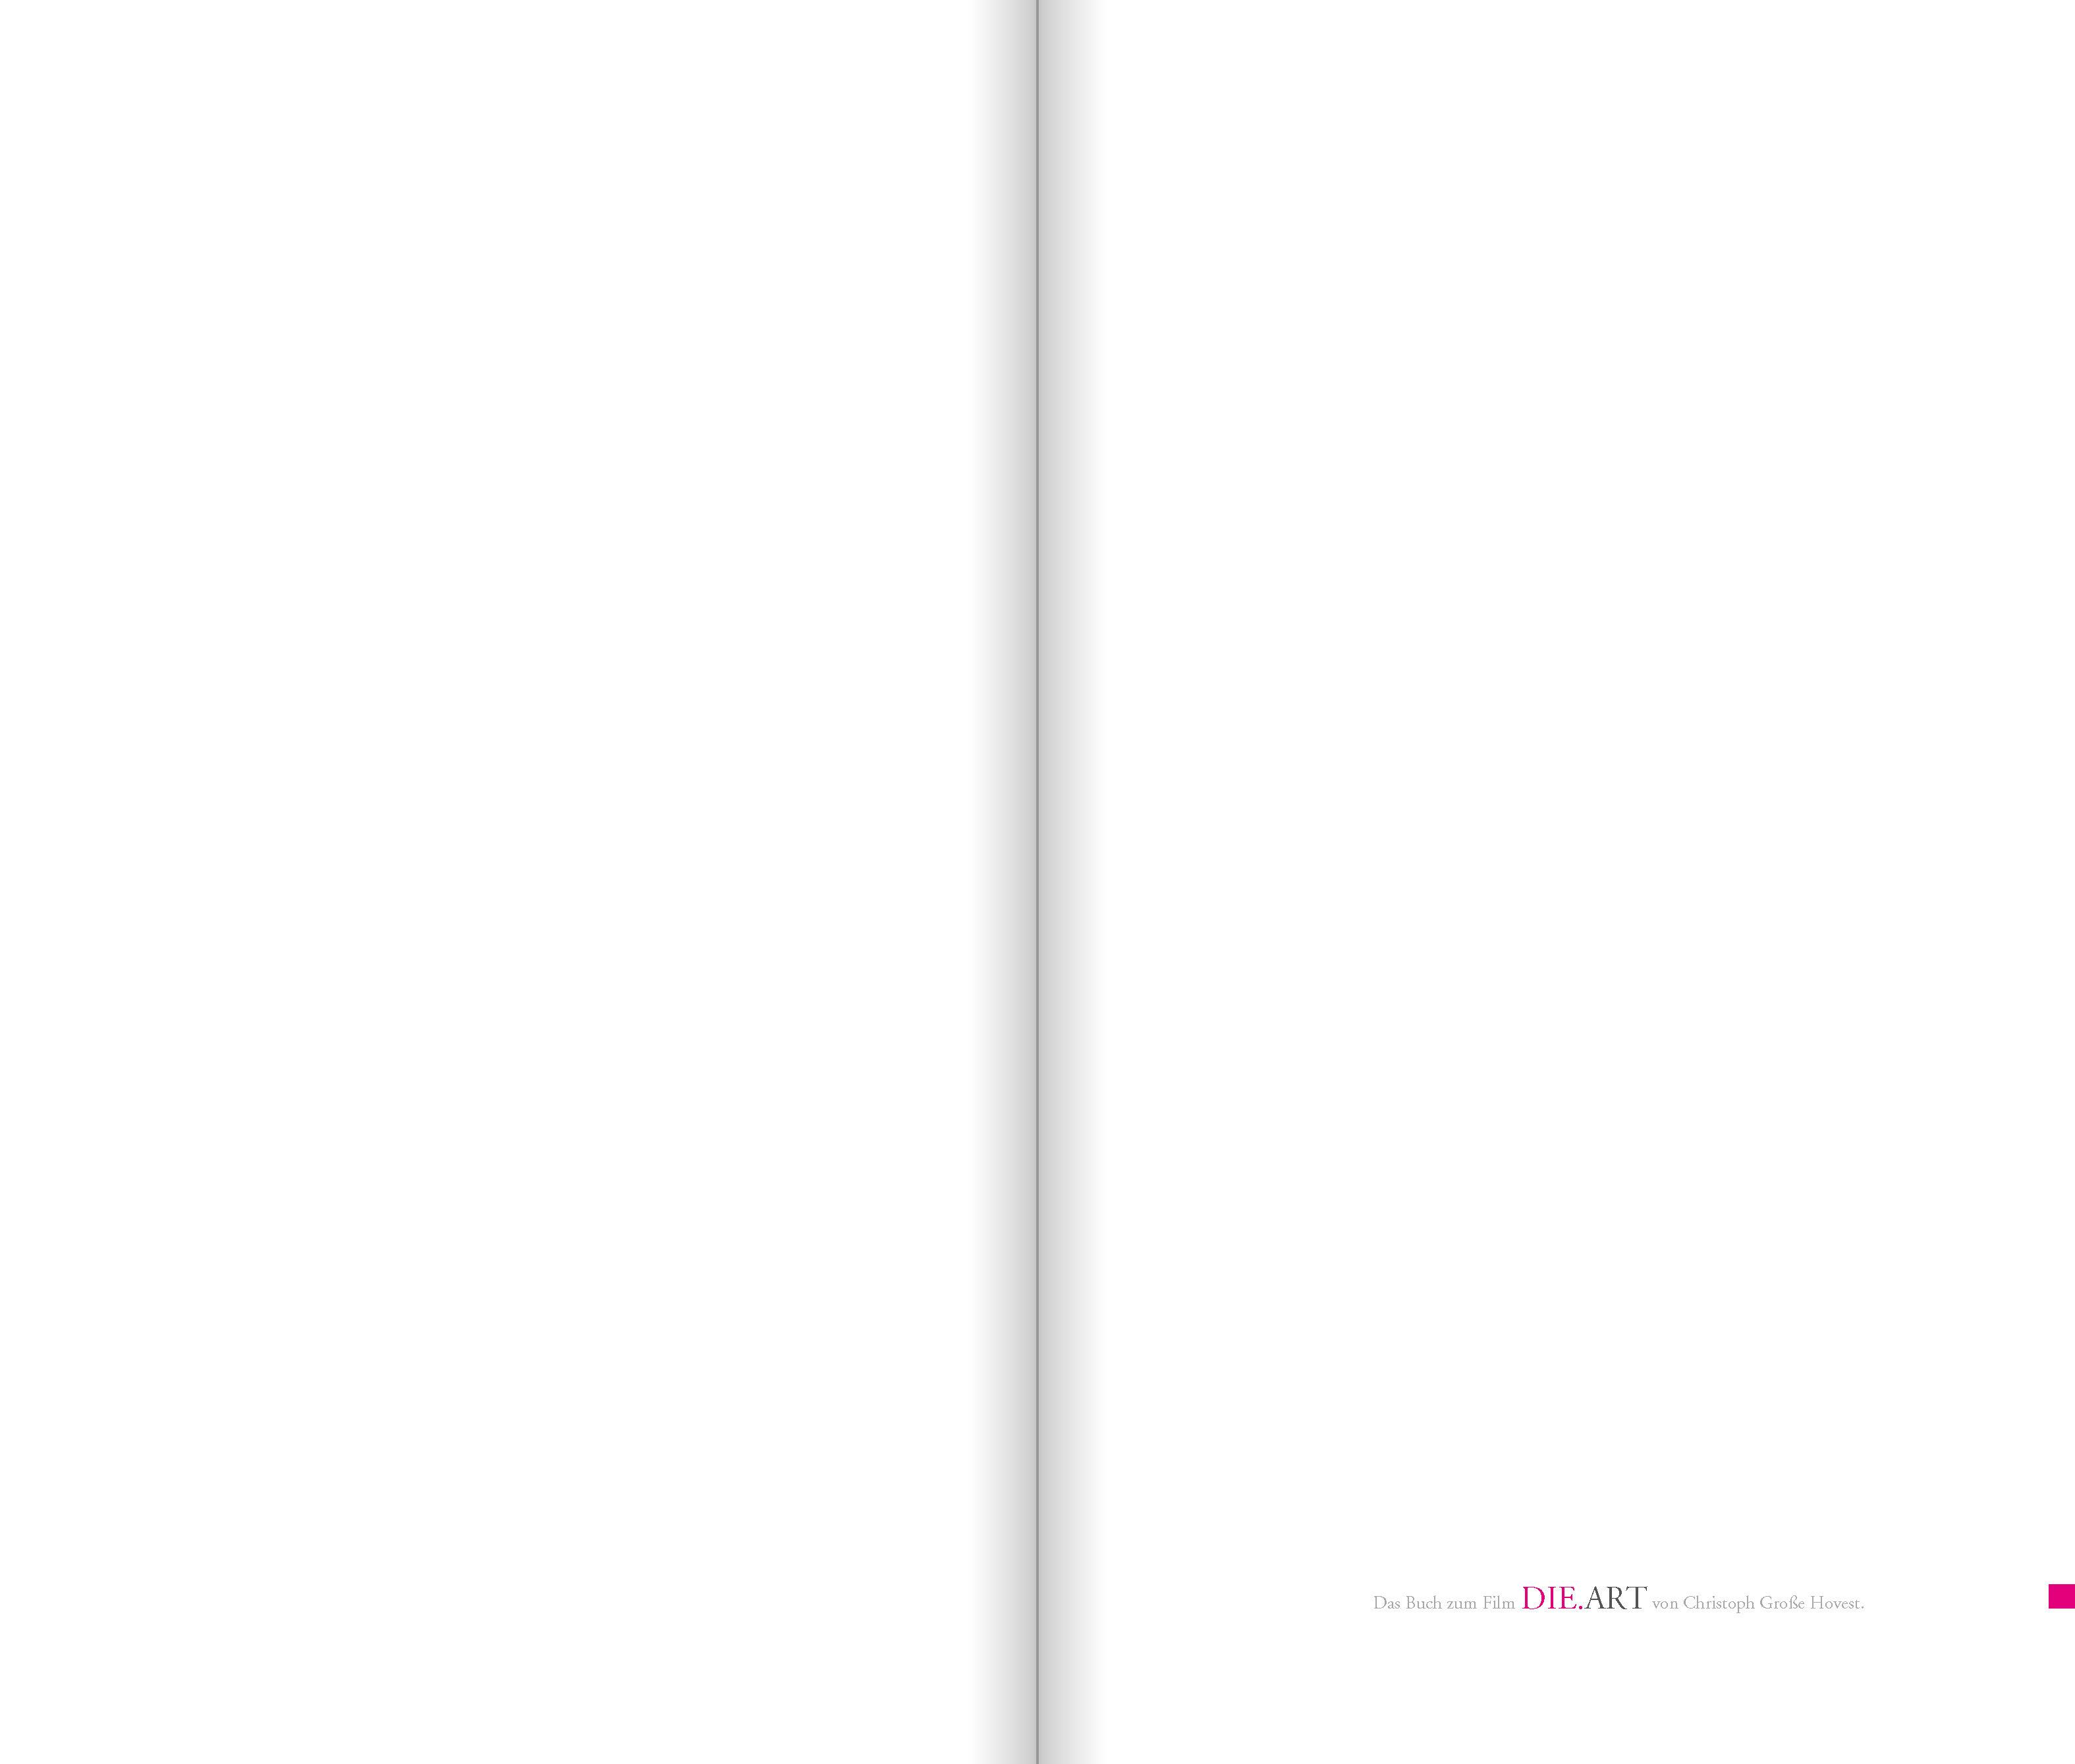 DIE_ART_DAS_BUCH_Seite_02